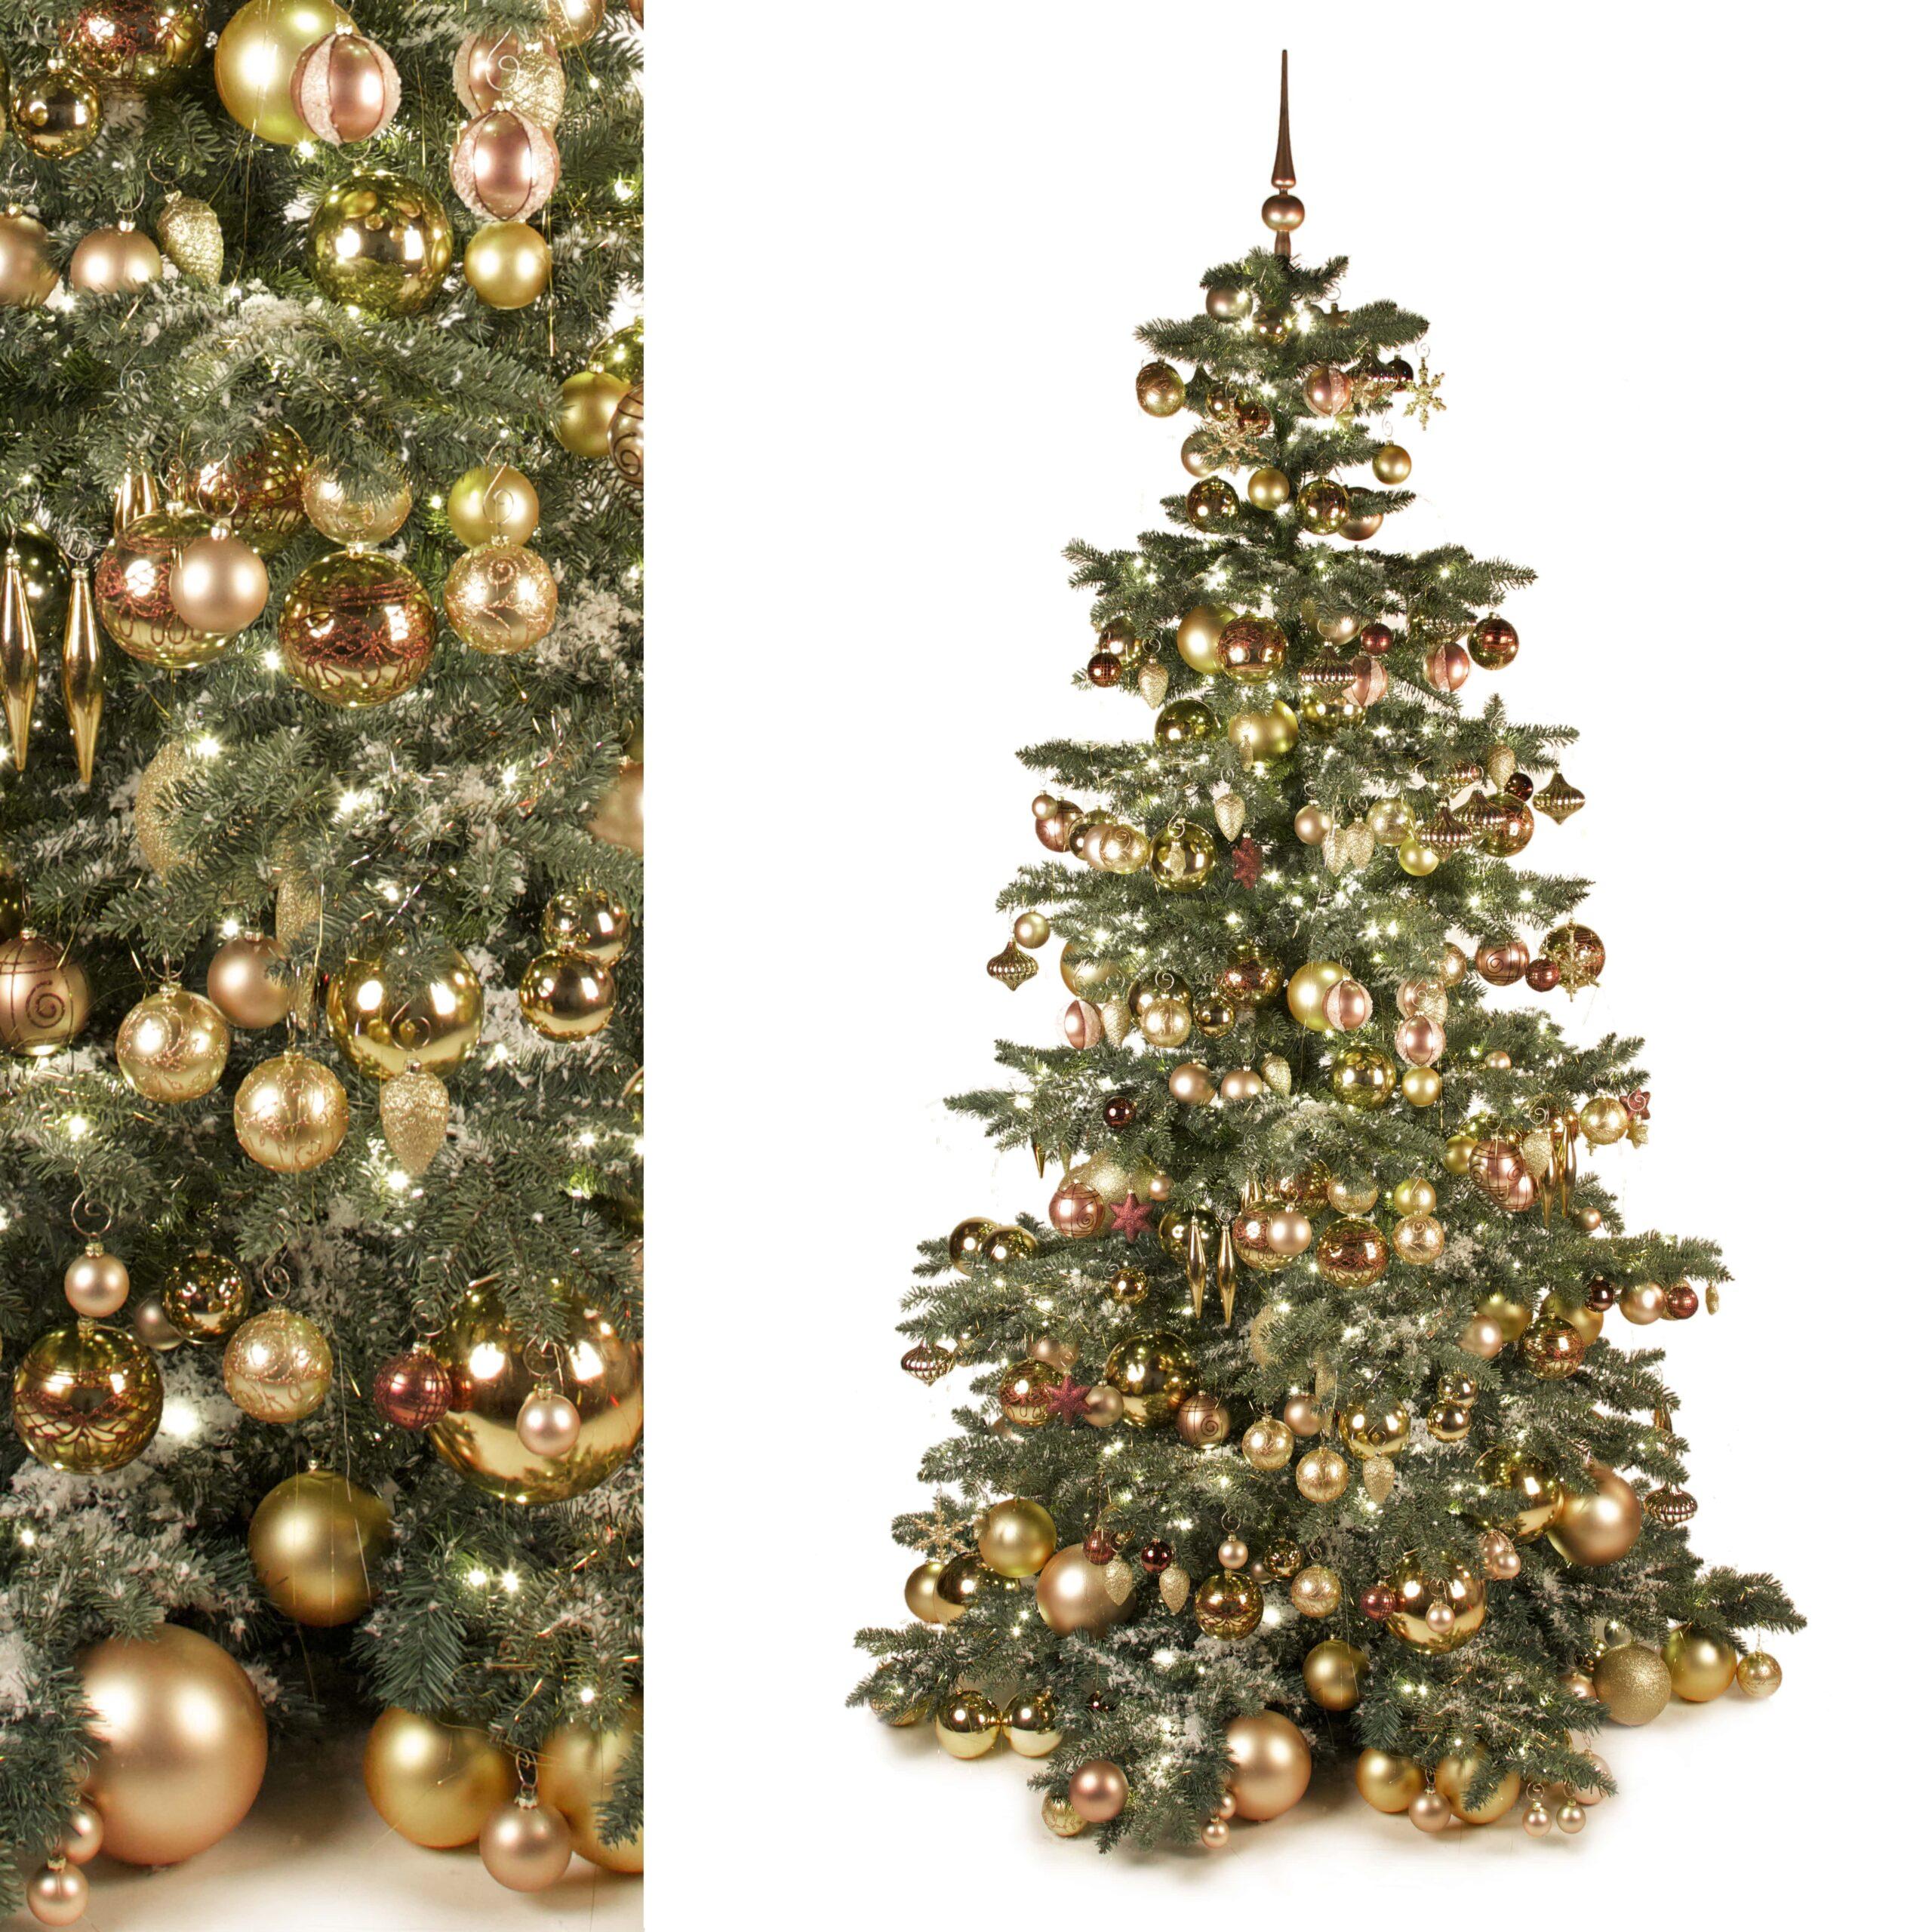 Luxe Decoratie Pakket Van 295 Ornamenten In Gouden Tinten Voor Een Kerstboom Van 240cm Exclusief Kerstboom Xmasdeco Nl